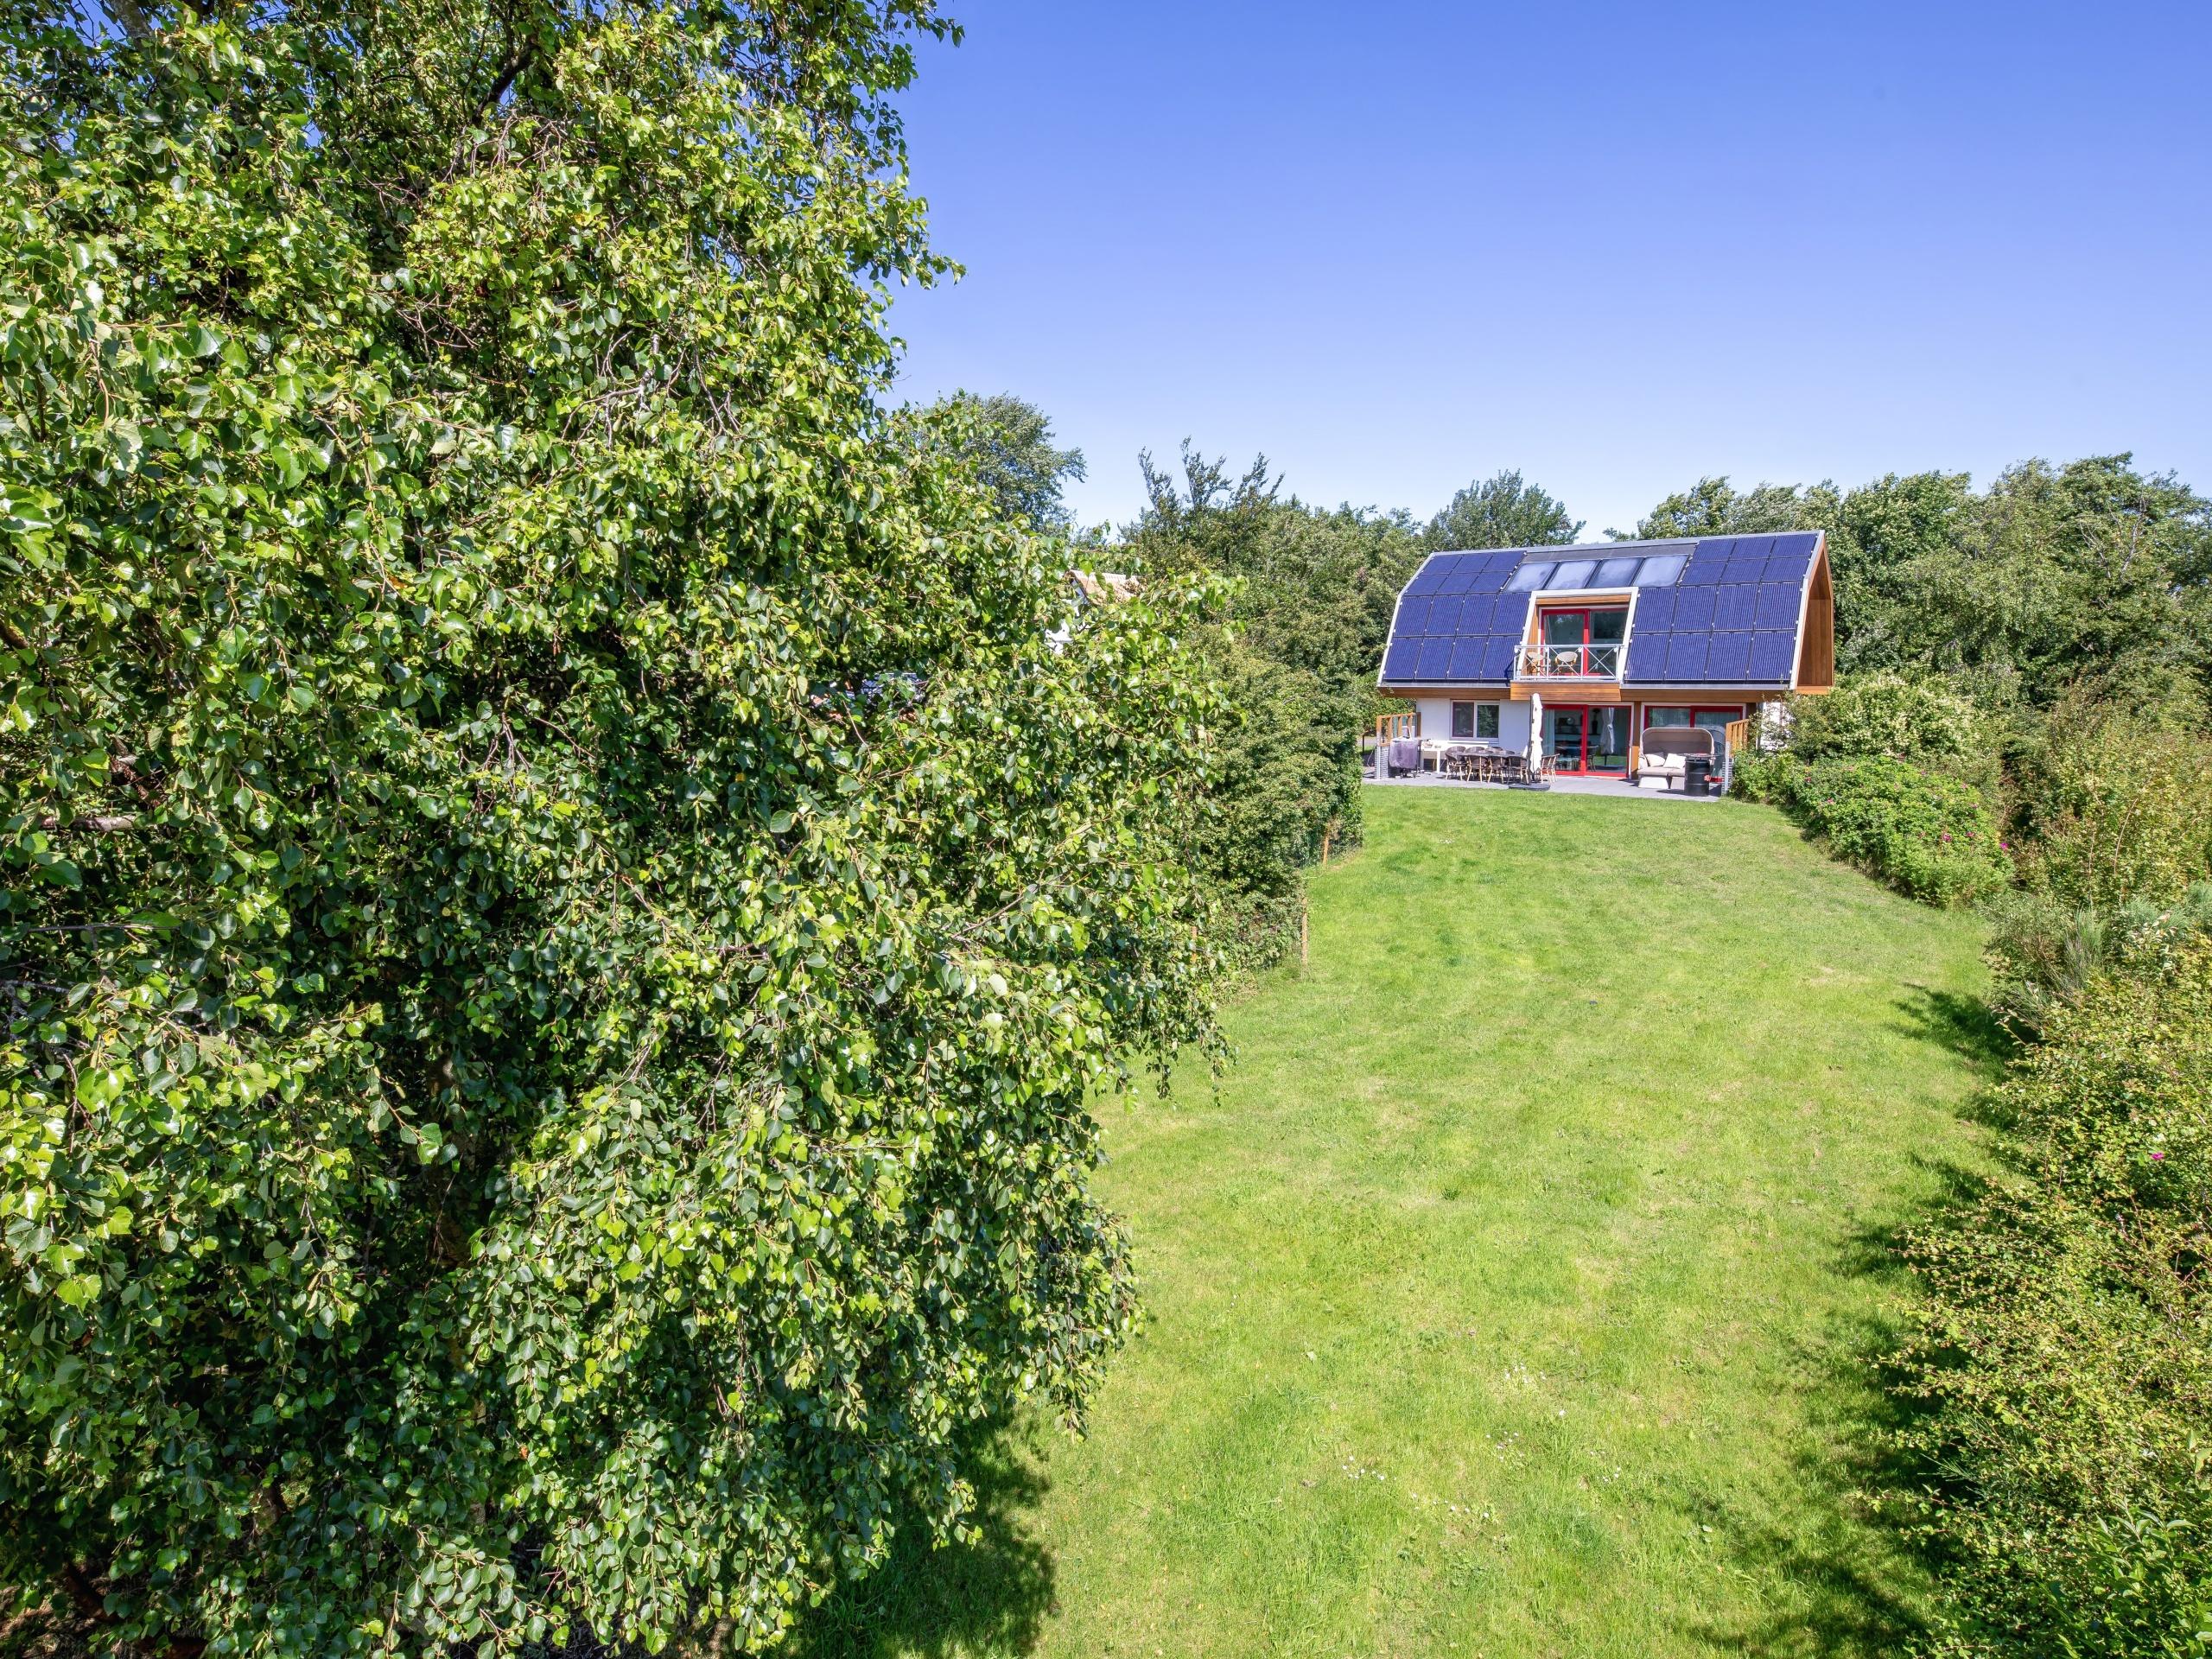 Luxe vakantiehuis met grote, beschutte tuin rustig gelegen aan de bosrand